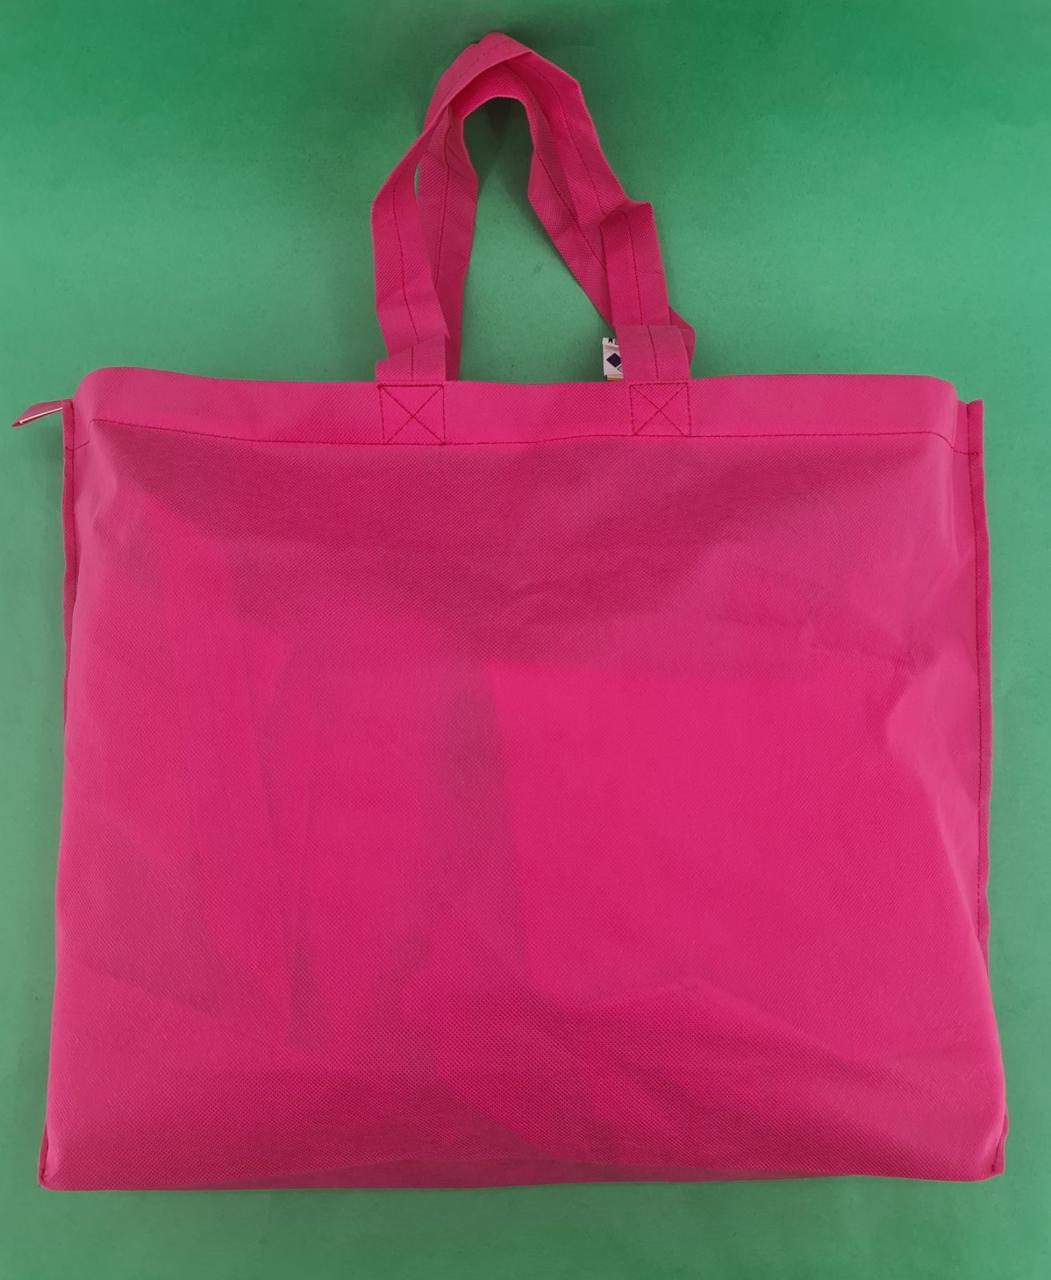 Сумка на блискавці рожевий (спанбонд) 38х53 см (1 шт)